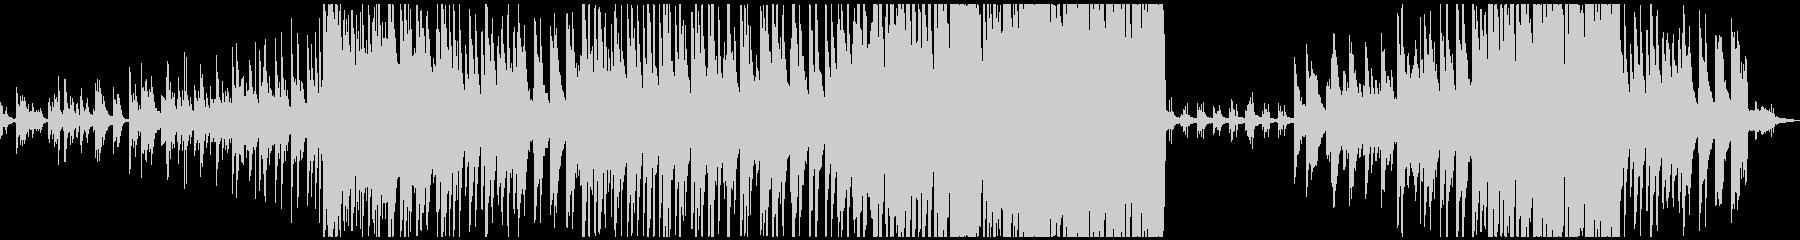 ベース、ドラムなし 大音量版の未再生の波形